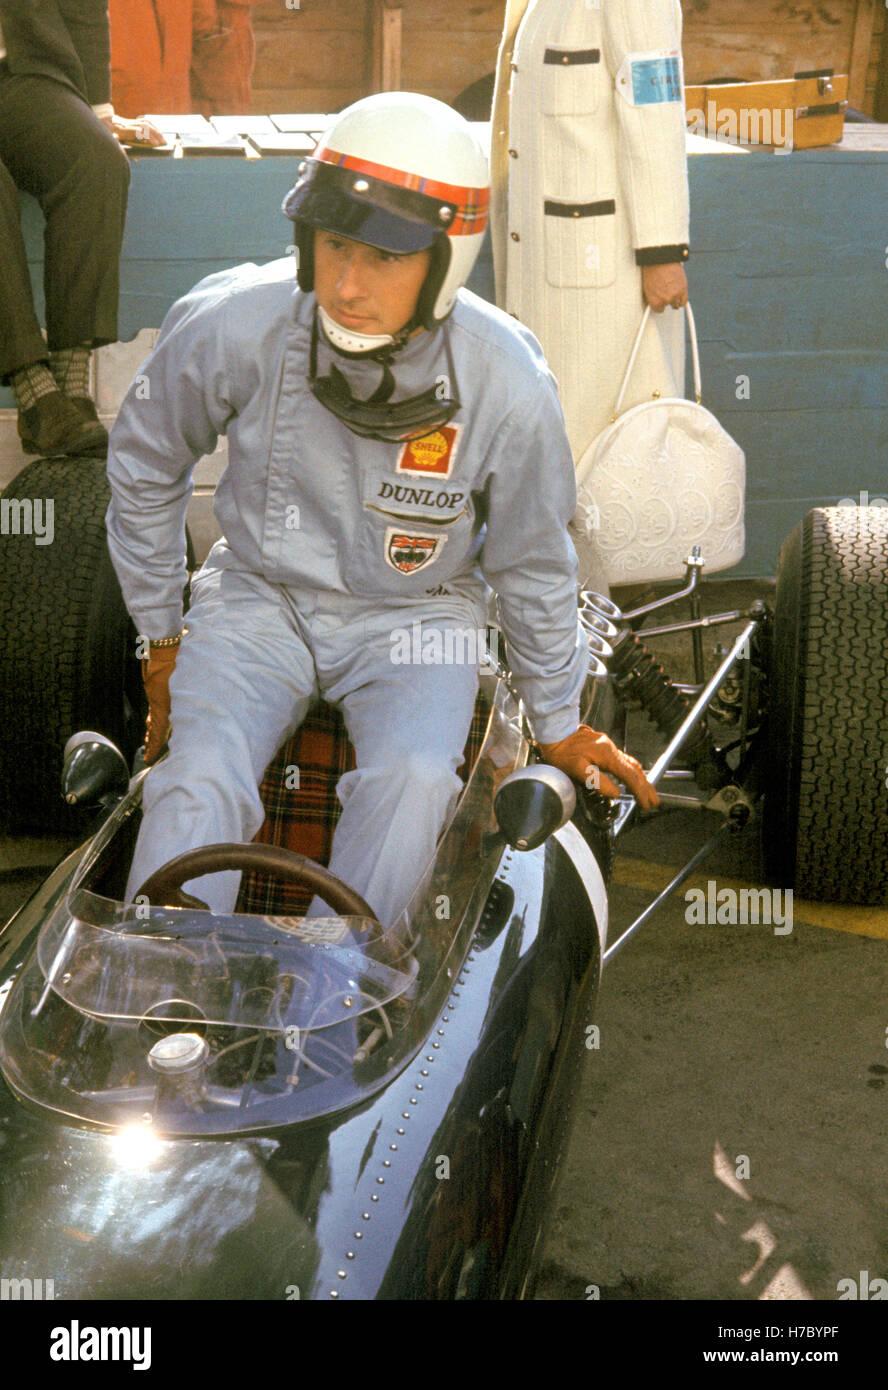 1965 motor escocés británico Jackie Stewart Racing coche BRM Cockpit Imagen De Stock